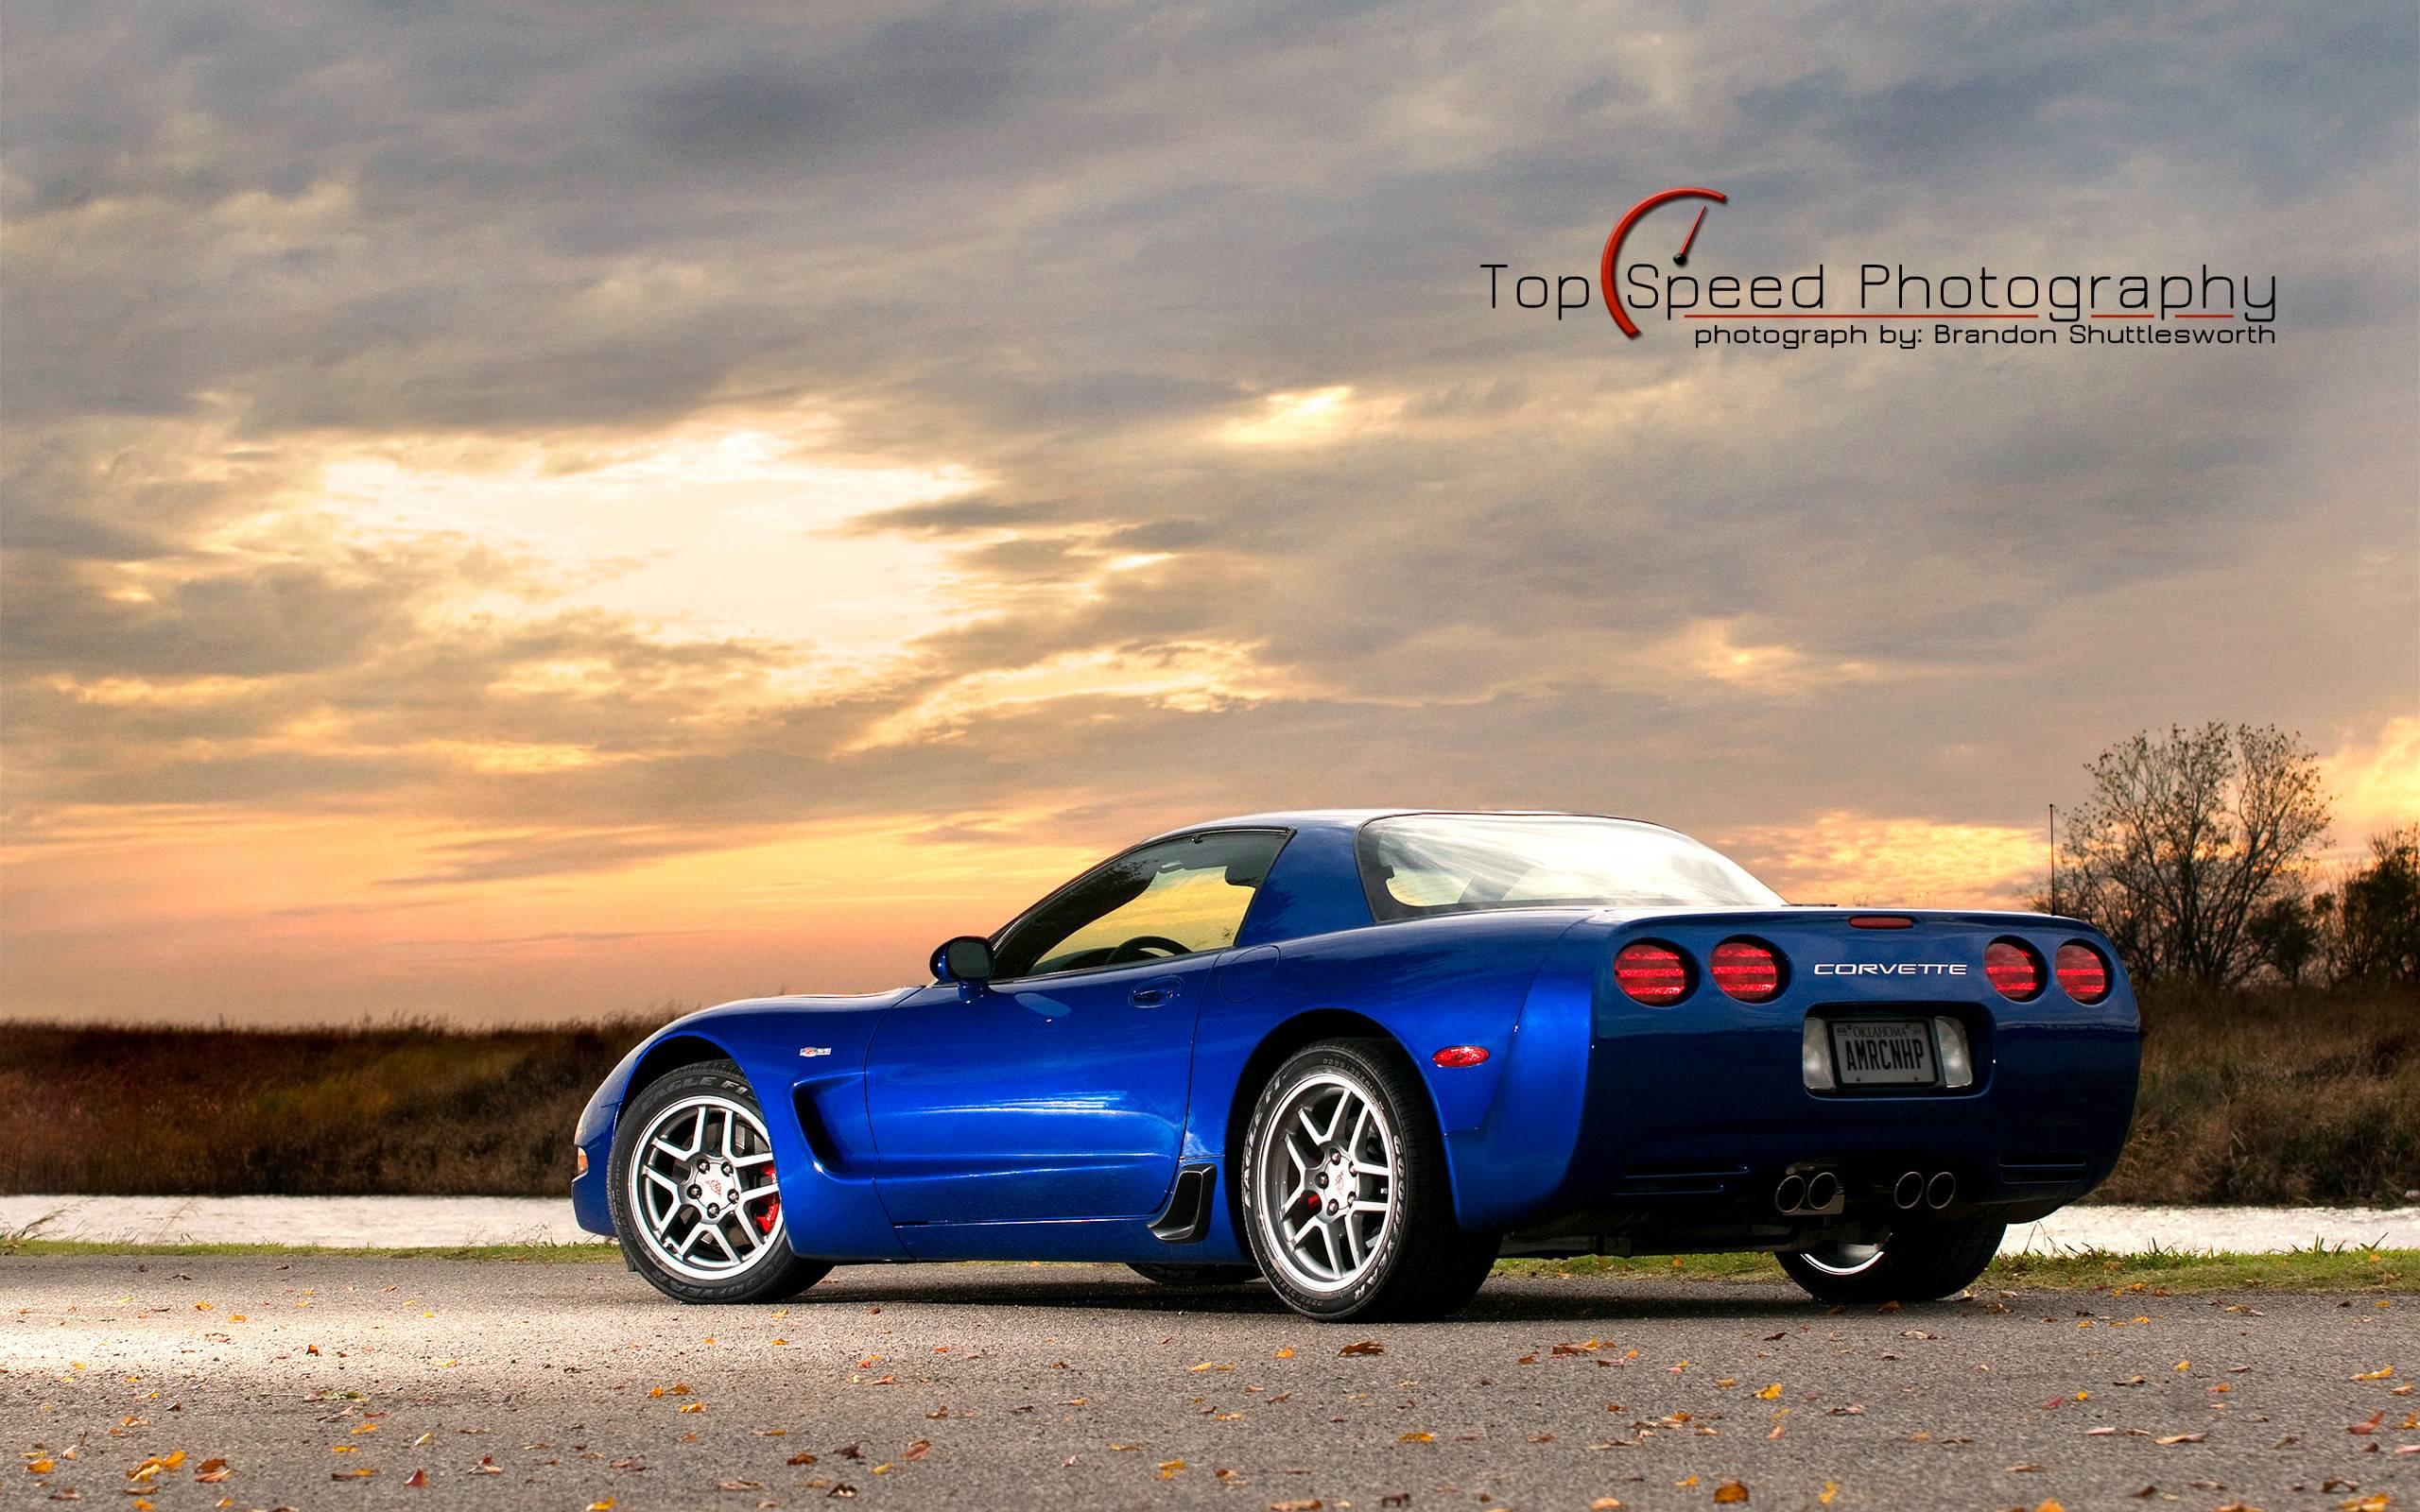 2003 chevrolet corvette wallpaper car wallpapers - Corvette C5 Logo Wallpaper